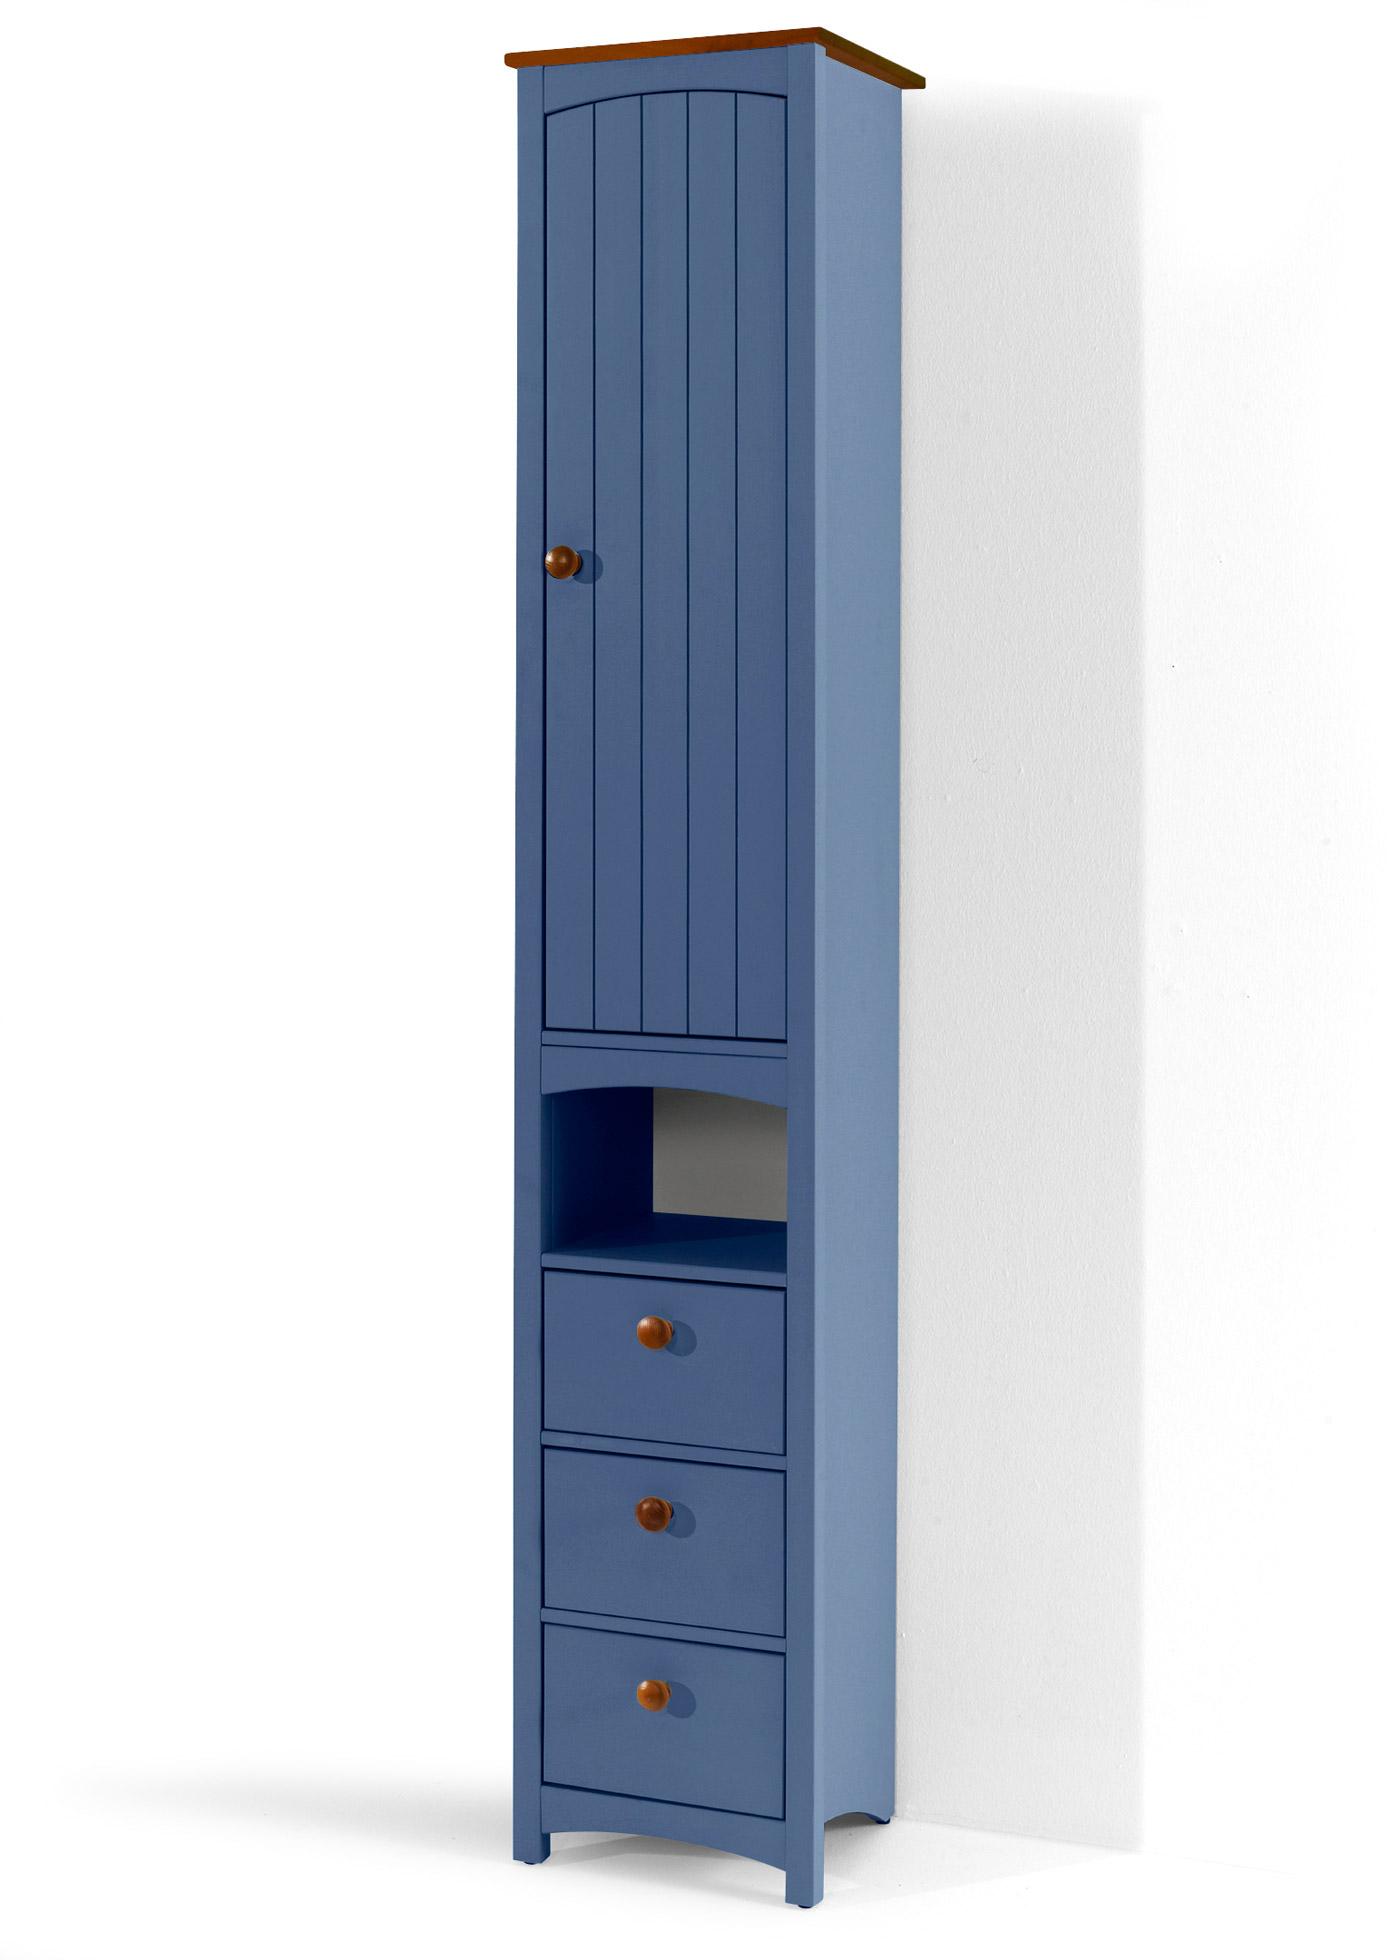 """Colonne étroite avec 1 compartiment ouvert, 1 porte ouvrant sur une tablette variable et 3 tiroirs. Fabriquée en Europe dans un style scandinave, particulièrement stable et robuste. En planches de bois de 15 mm d""""épaisseur. Le plateau supérieur des m"""